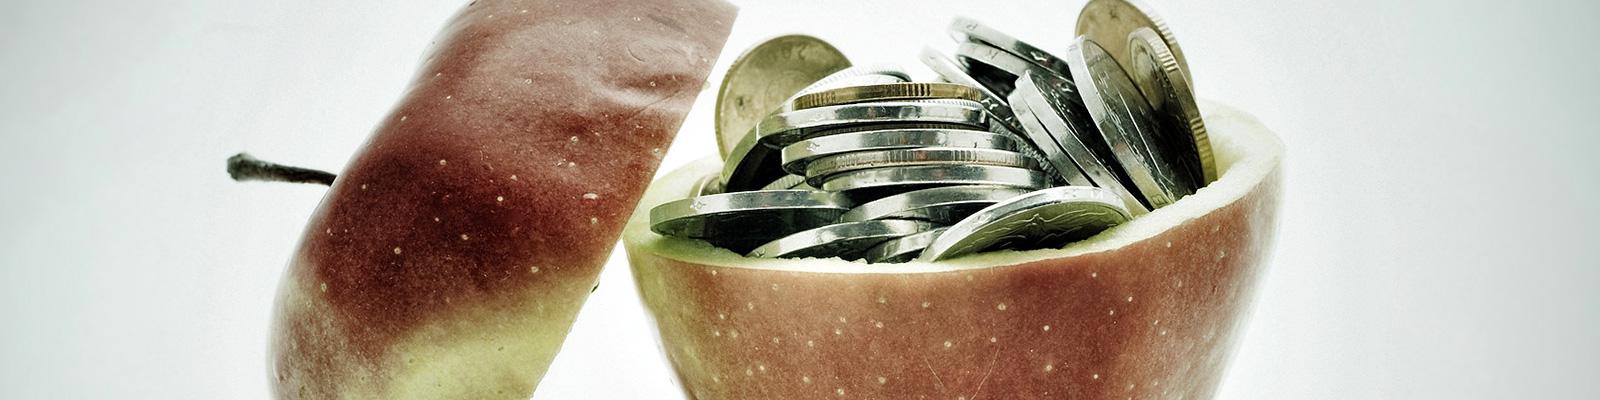 アップル お金